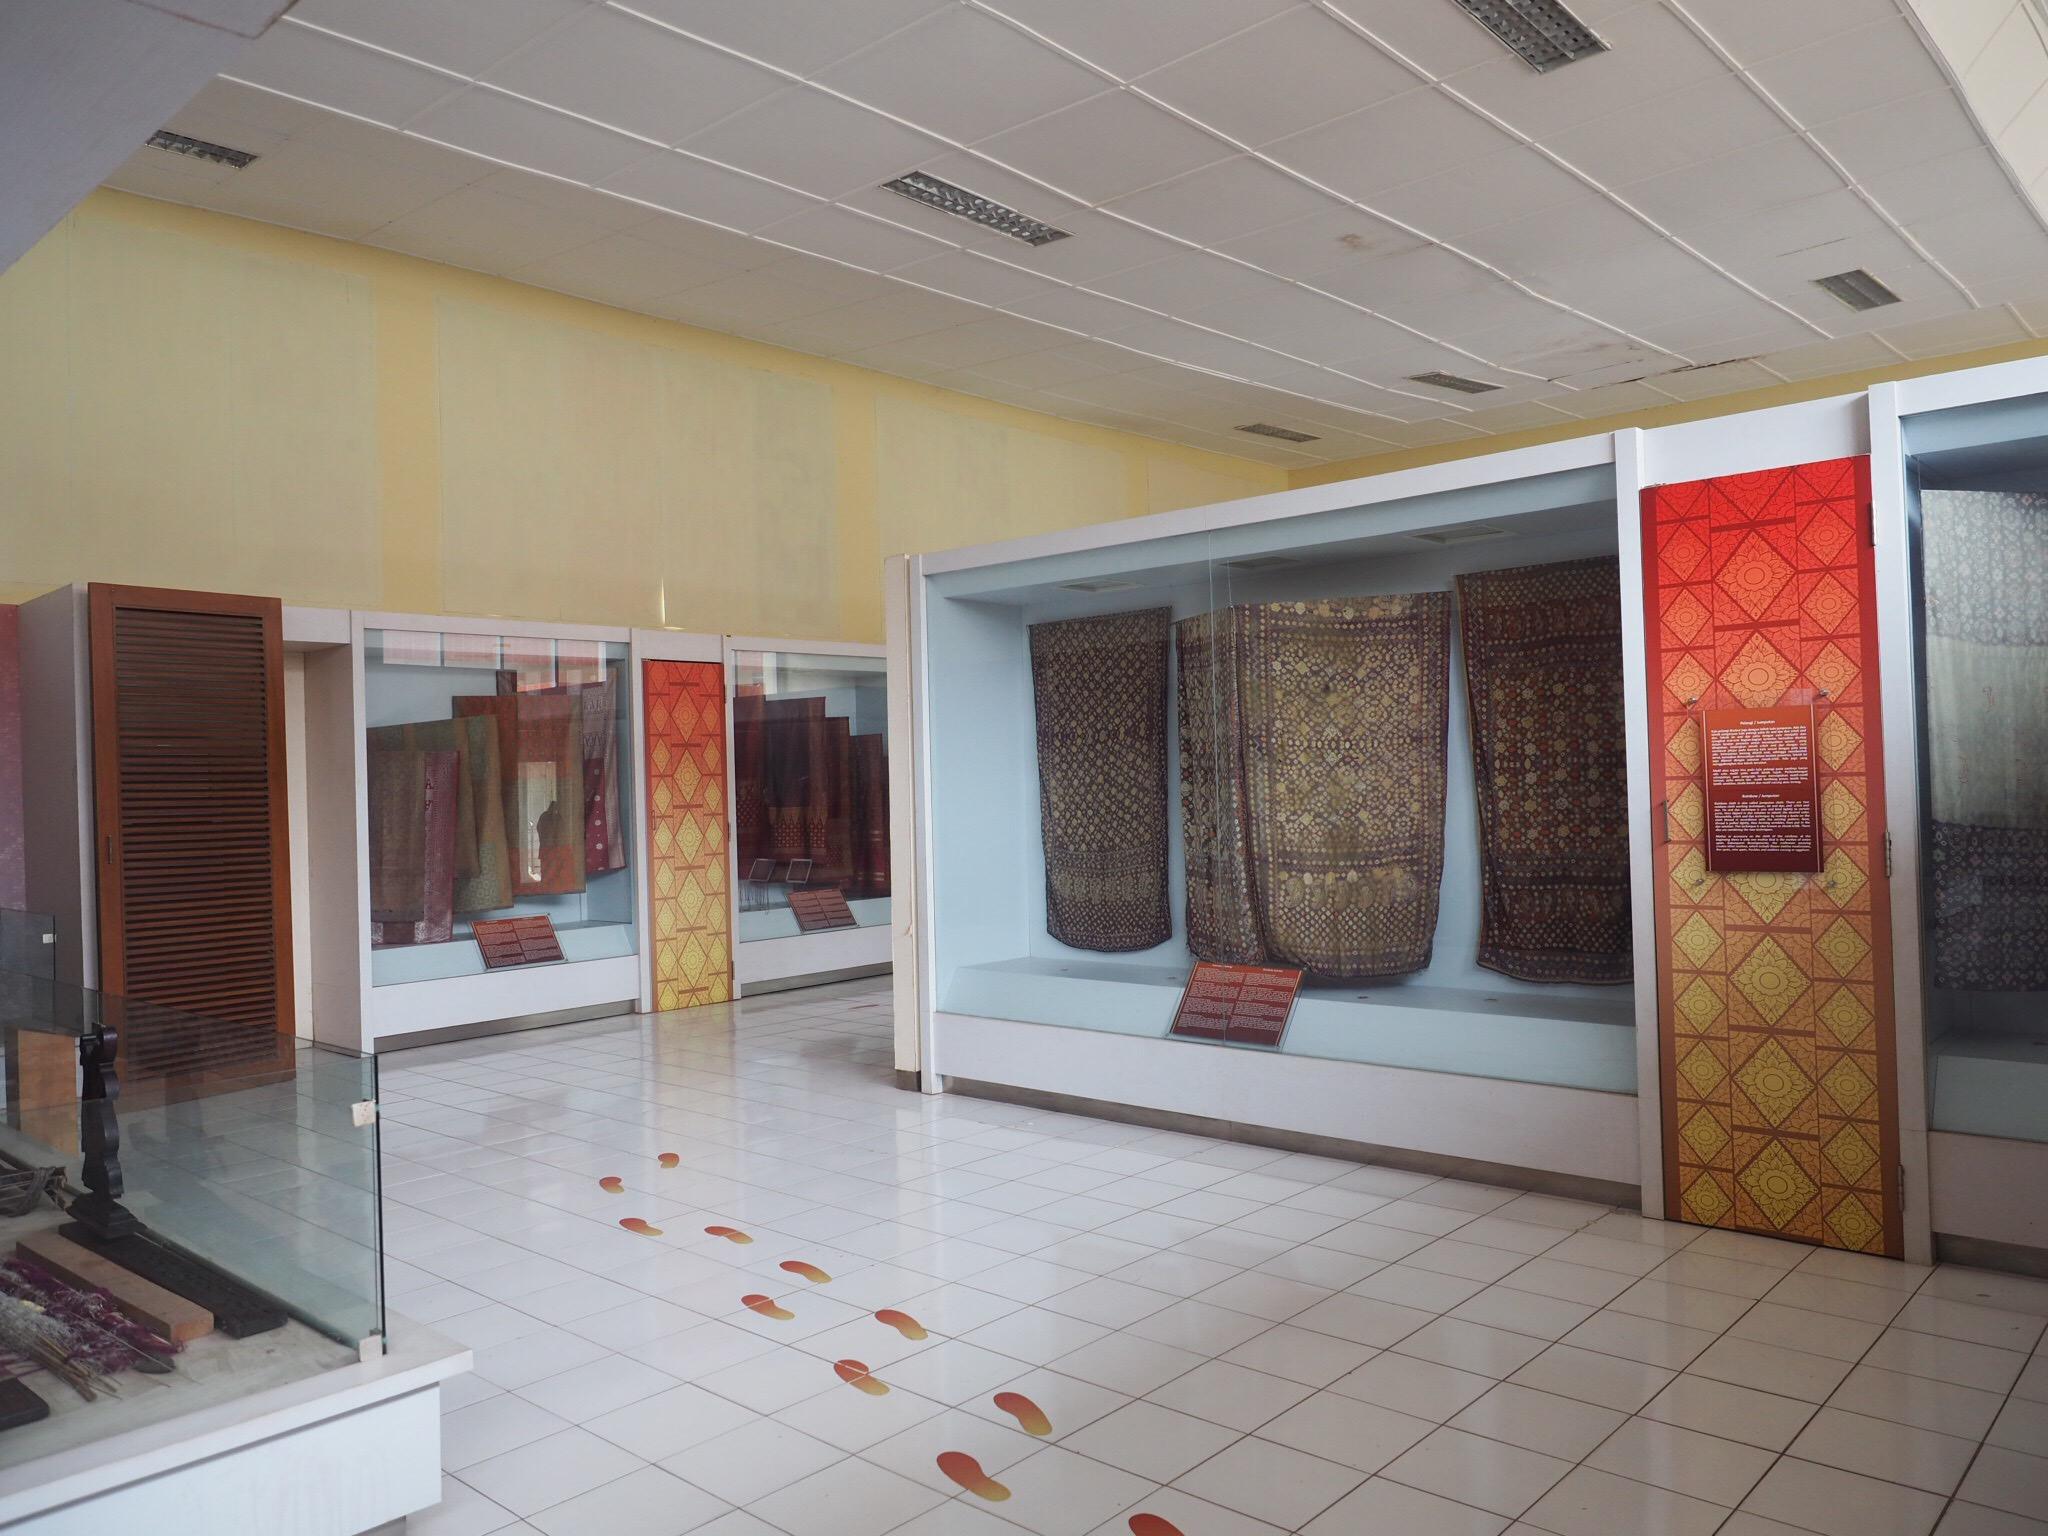 Img 4003 Jpg Setelah Puas Mengunjungi Museum Negeri Balaputra Dewa